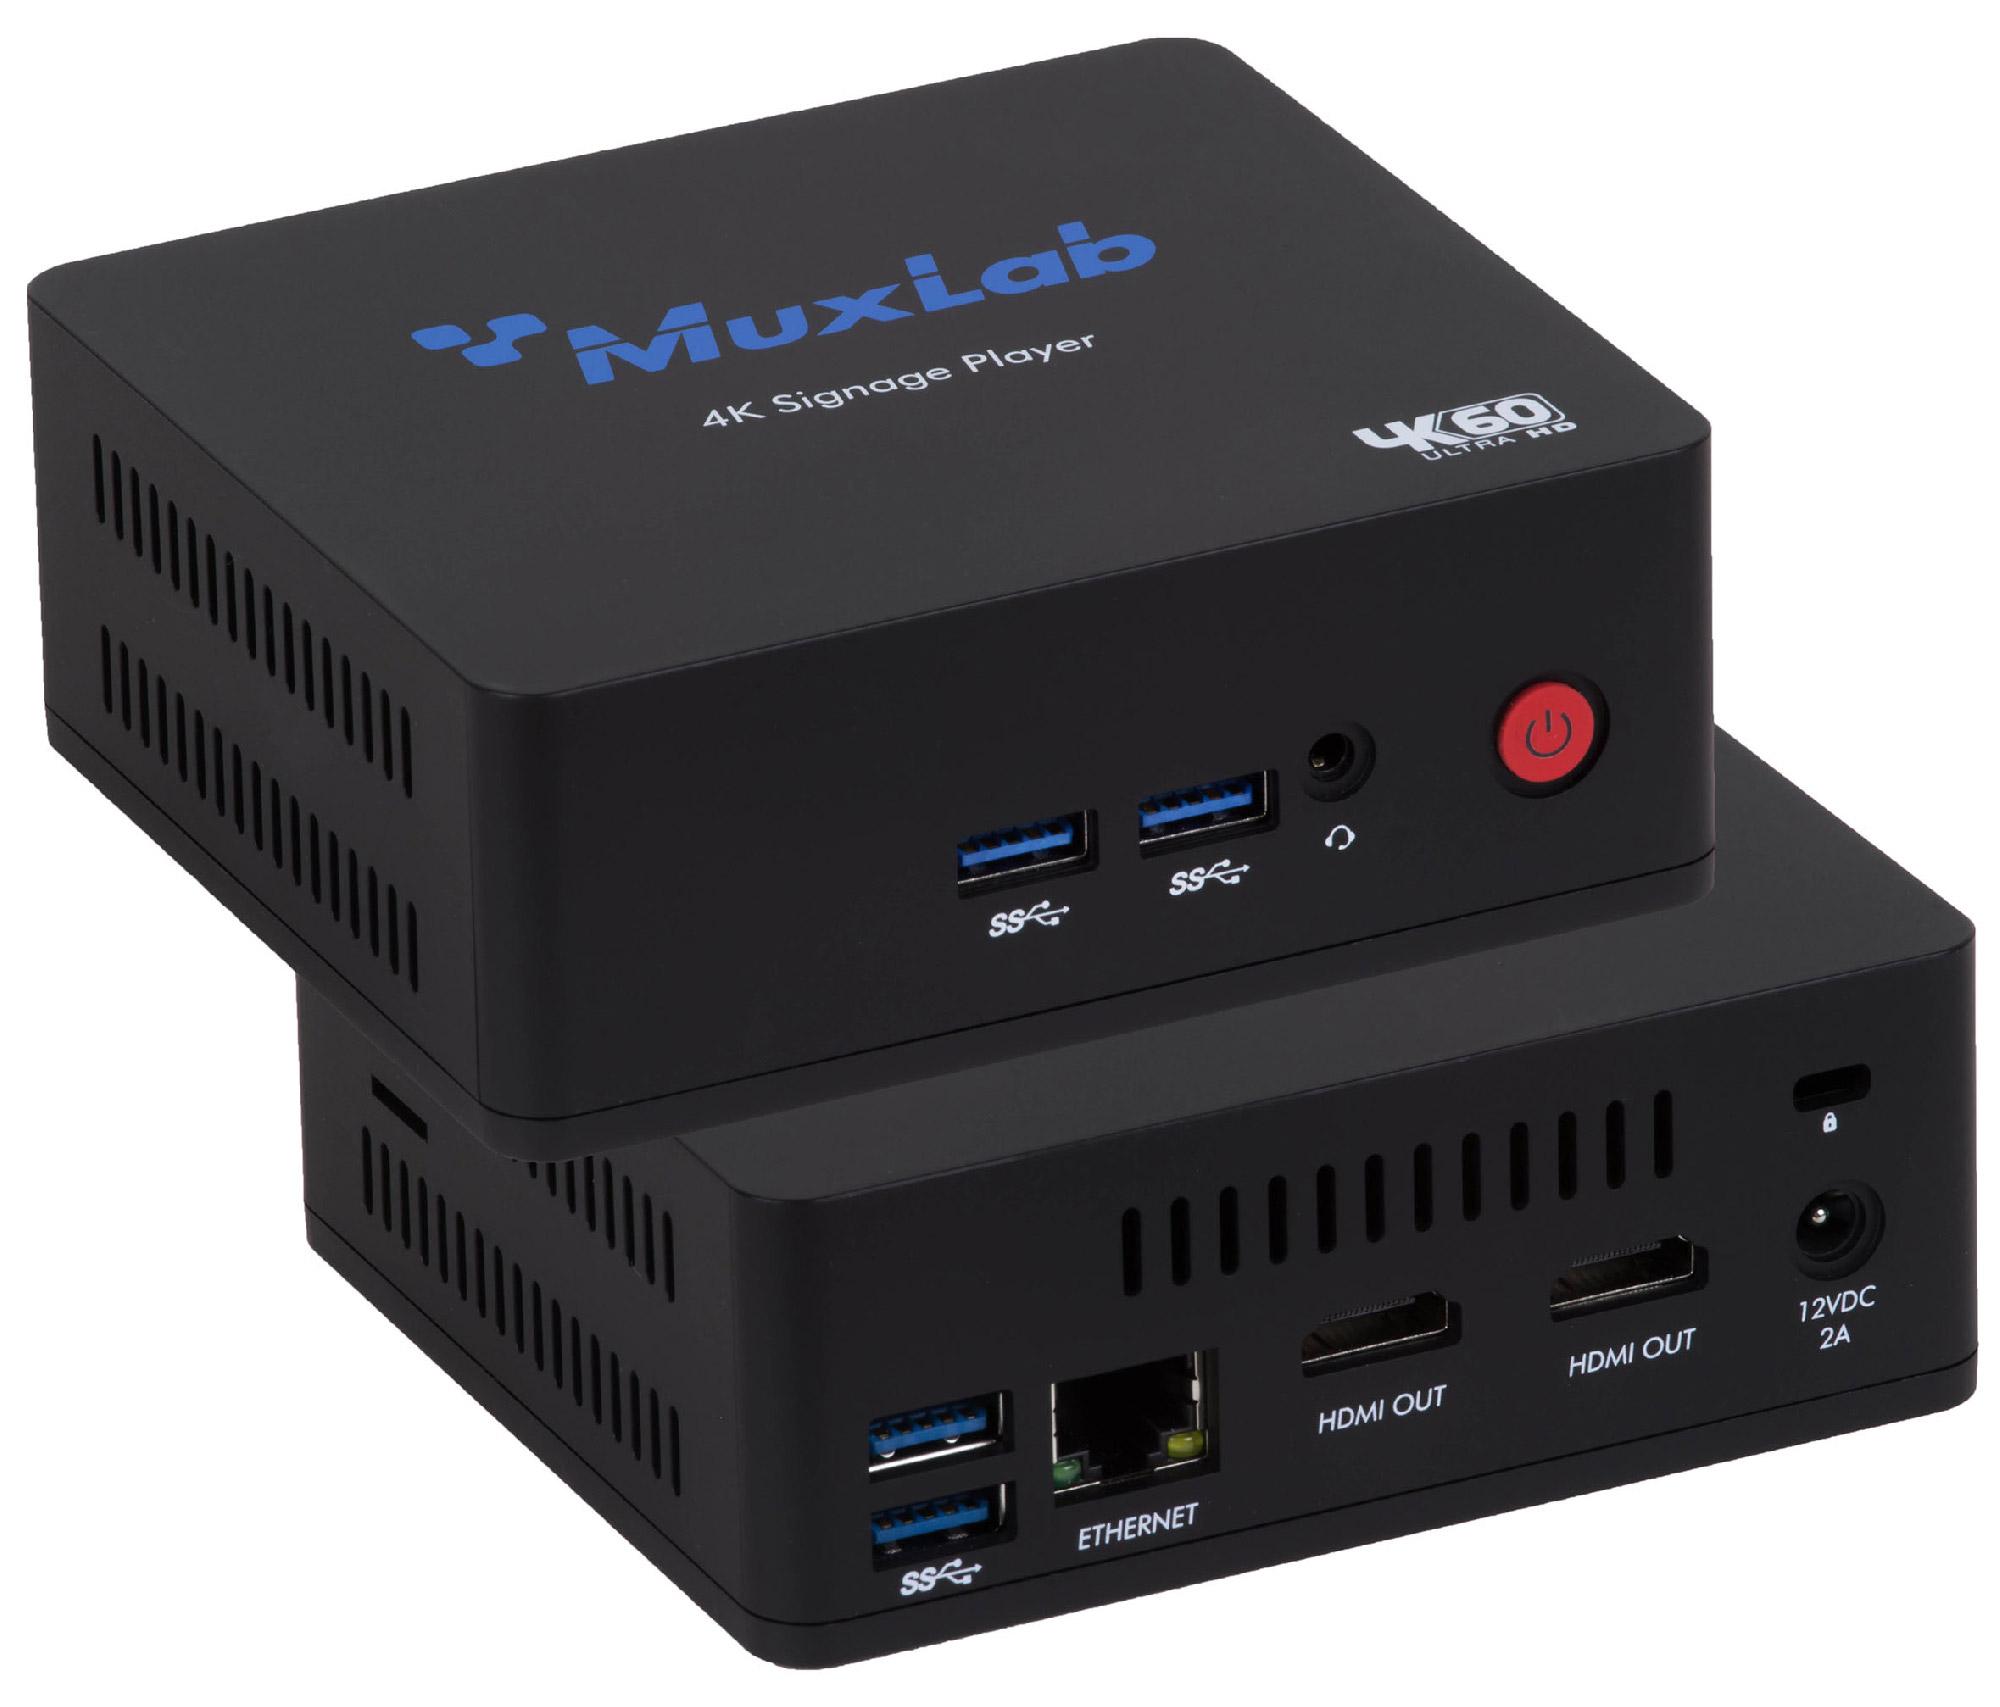 Muxlab 500789